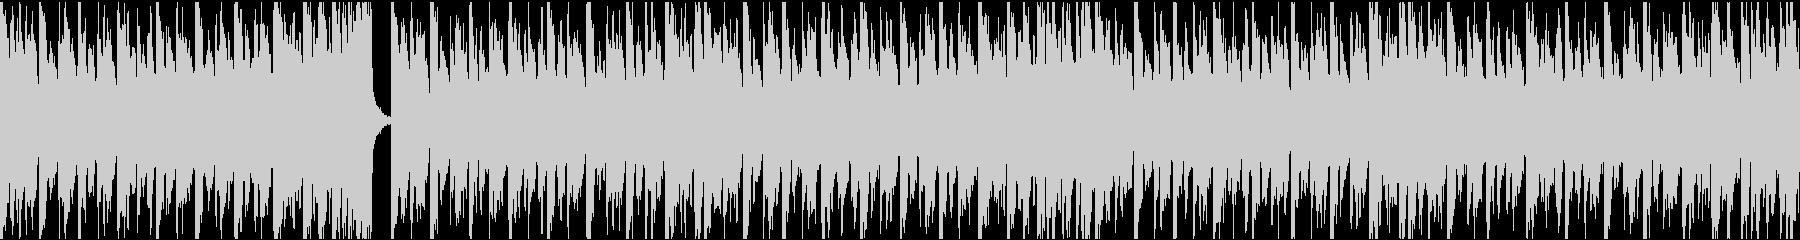 13秒でサビ、ダーク/カラオケループの未再生の波形